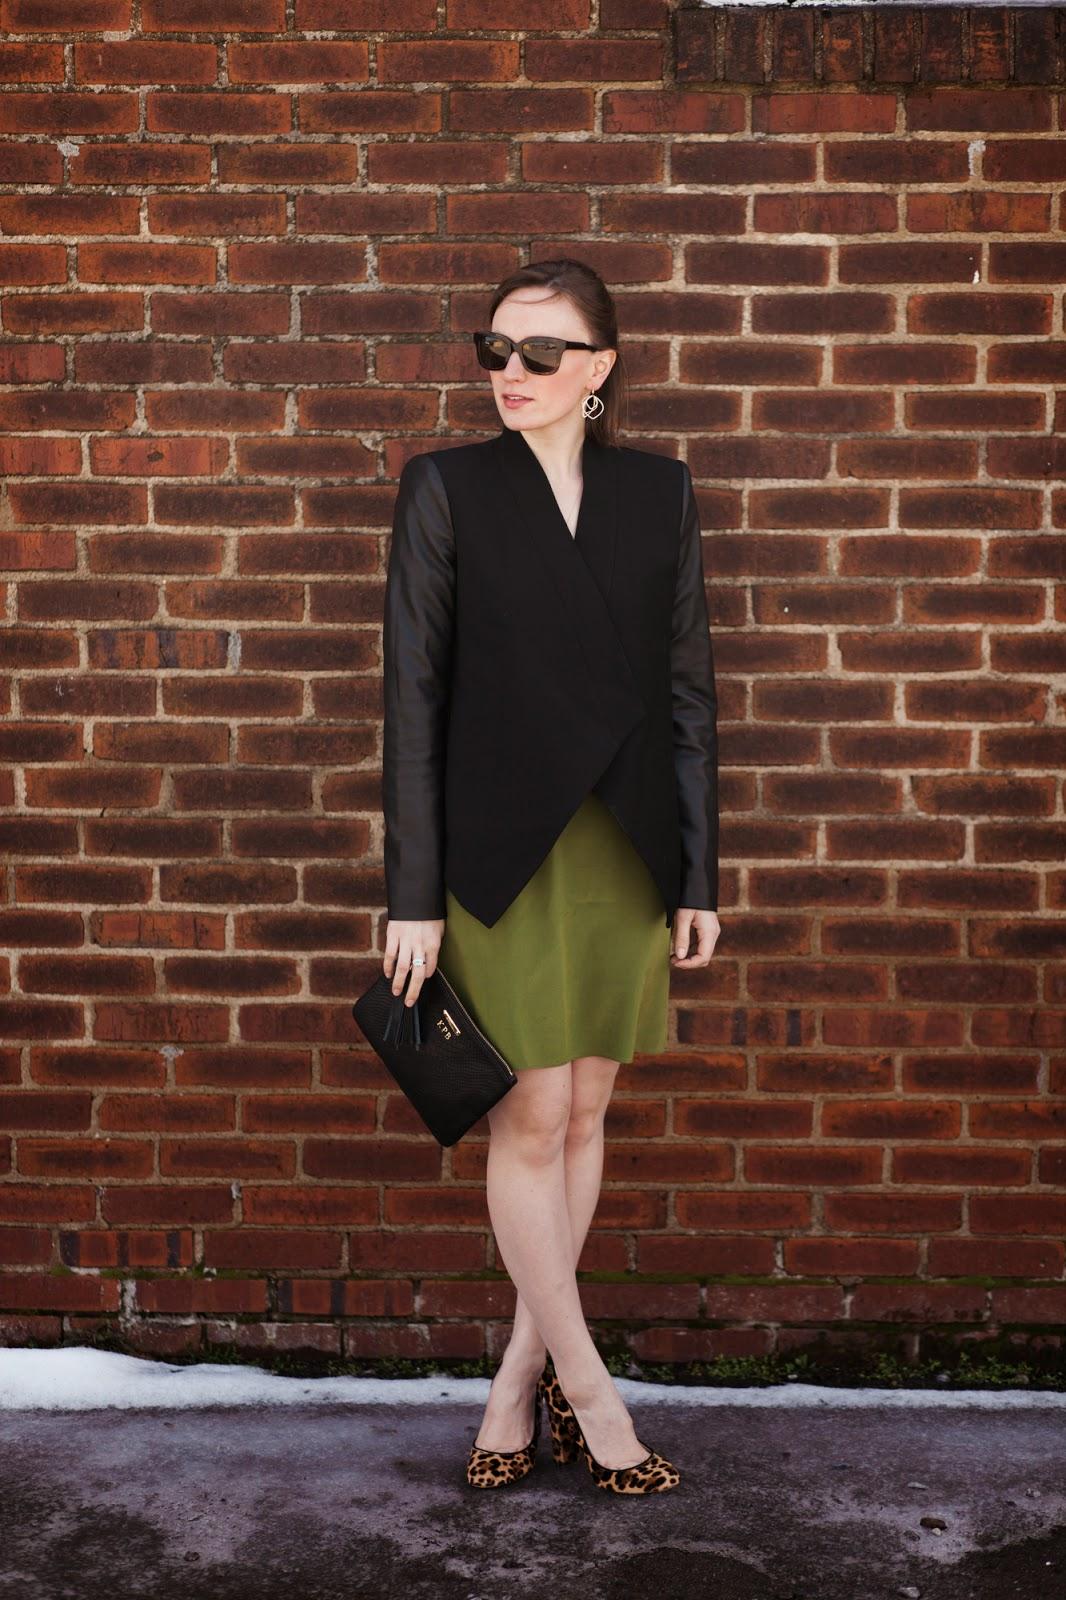 Nashville Fashion Blog, Stilettoed to Steeltoed, Dittos Eyewear